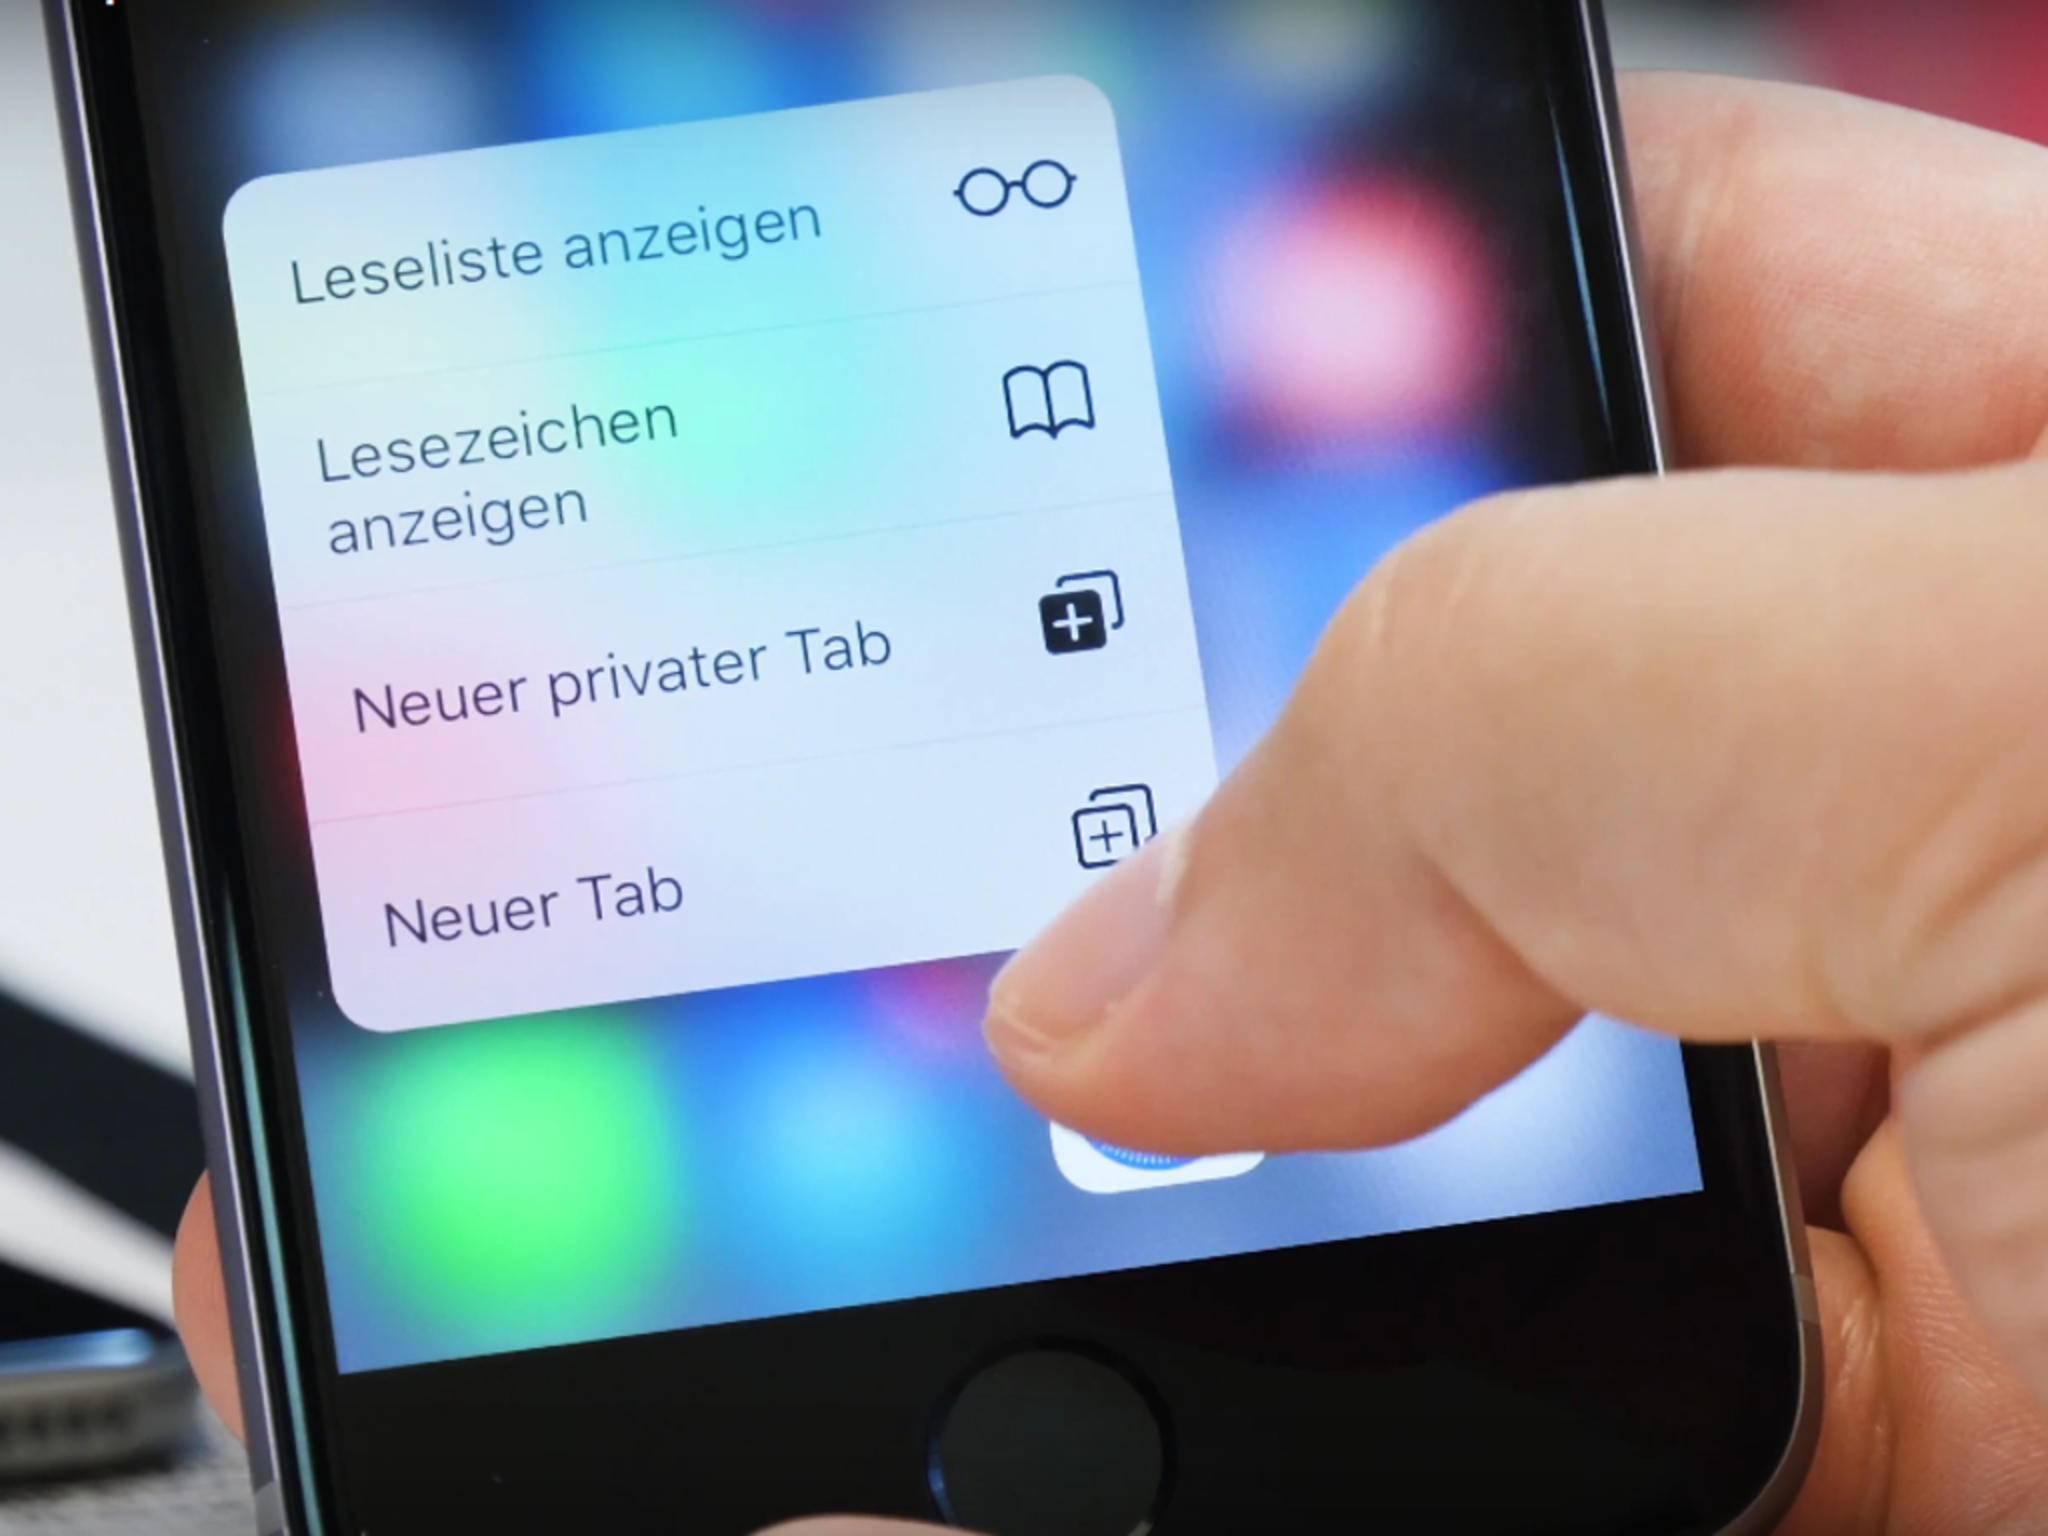 3D Touch soll unter iOS 9.2 auf dem iPhone 6s Plus schicker werden.